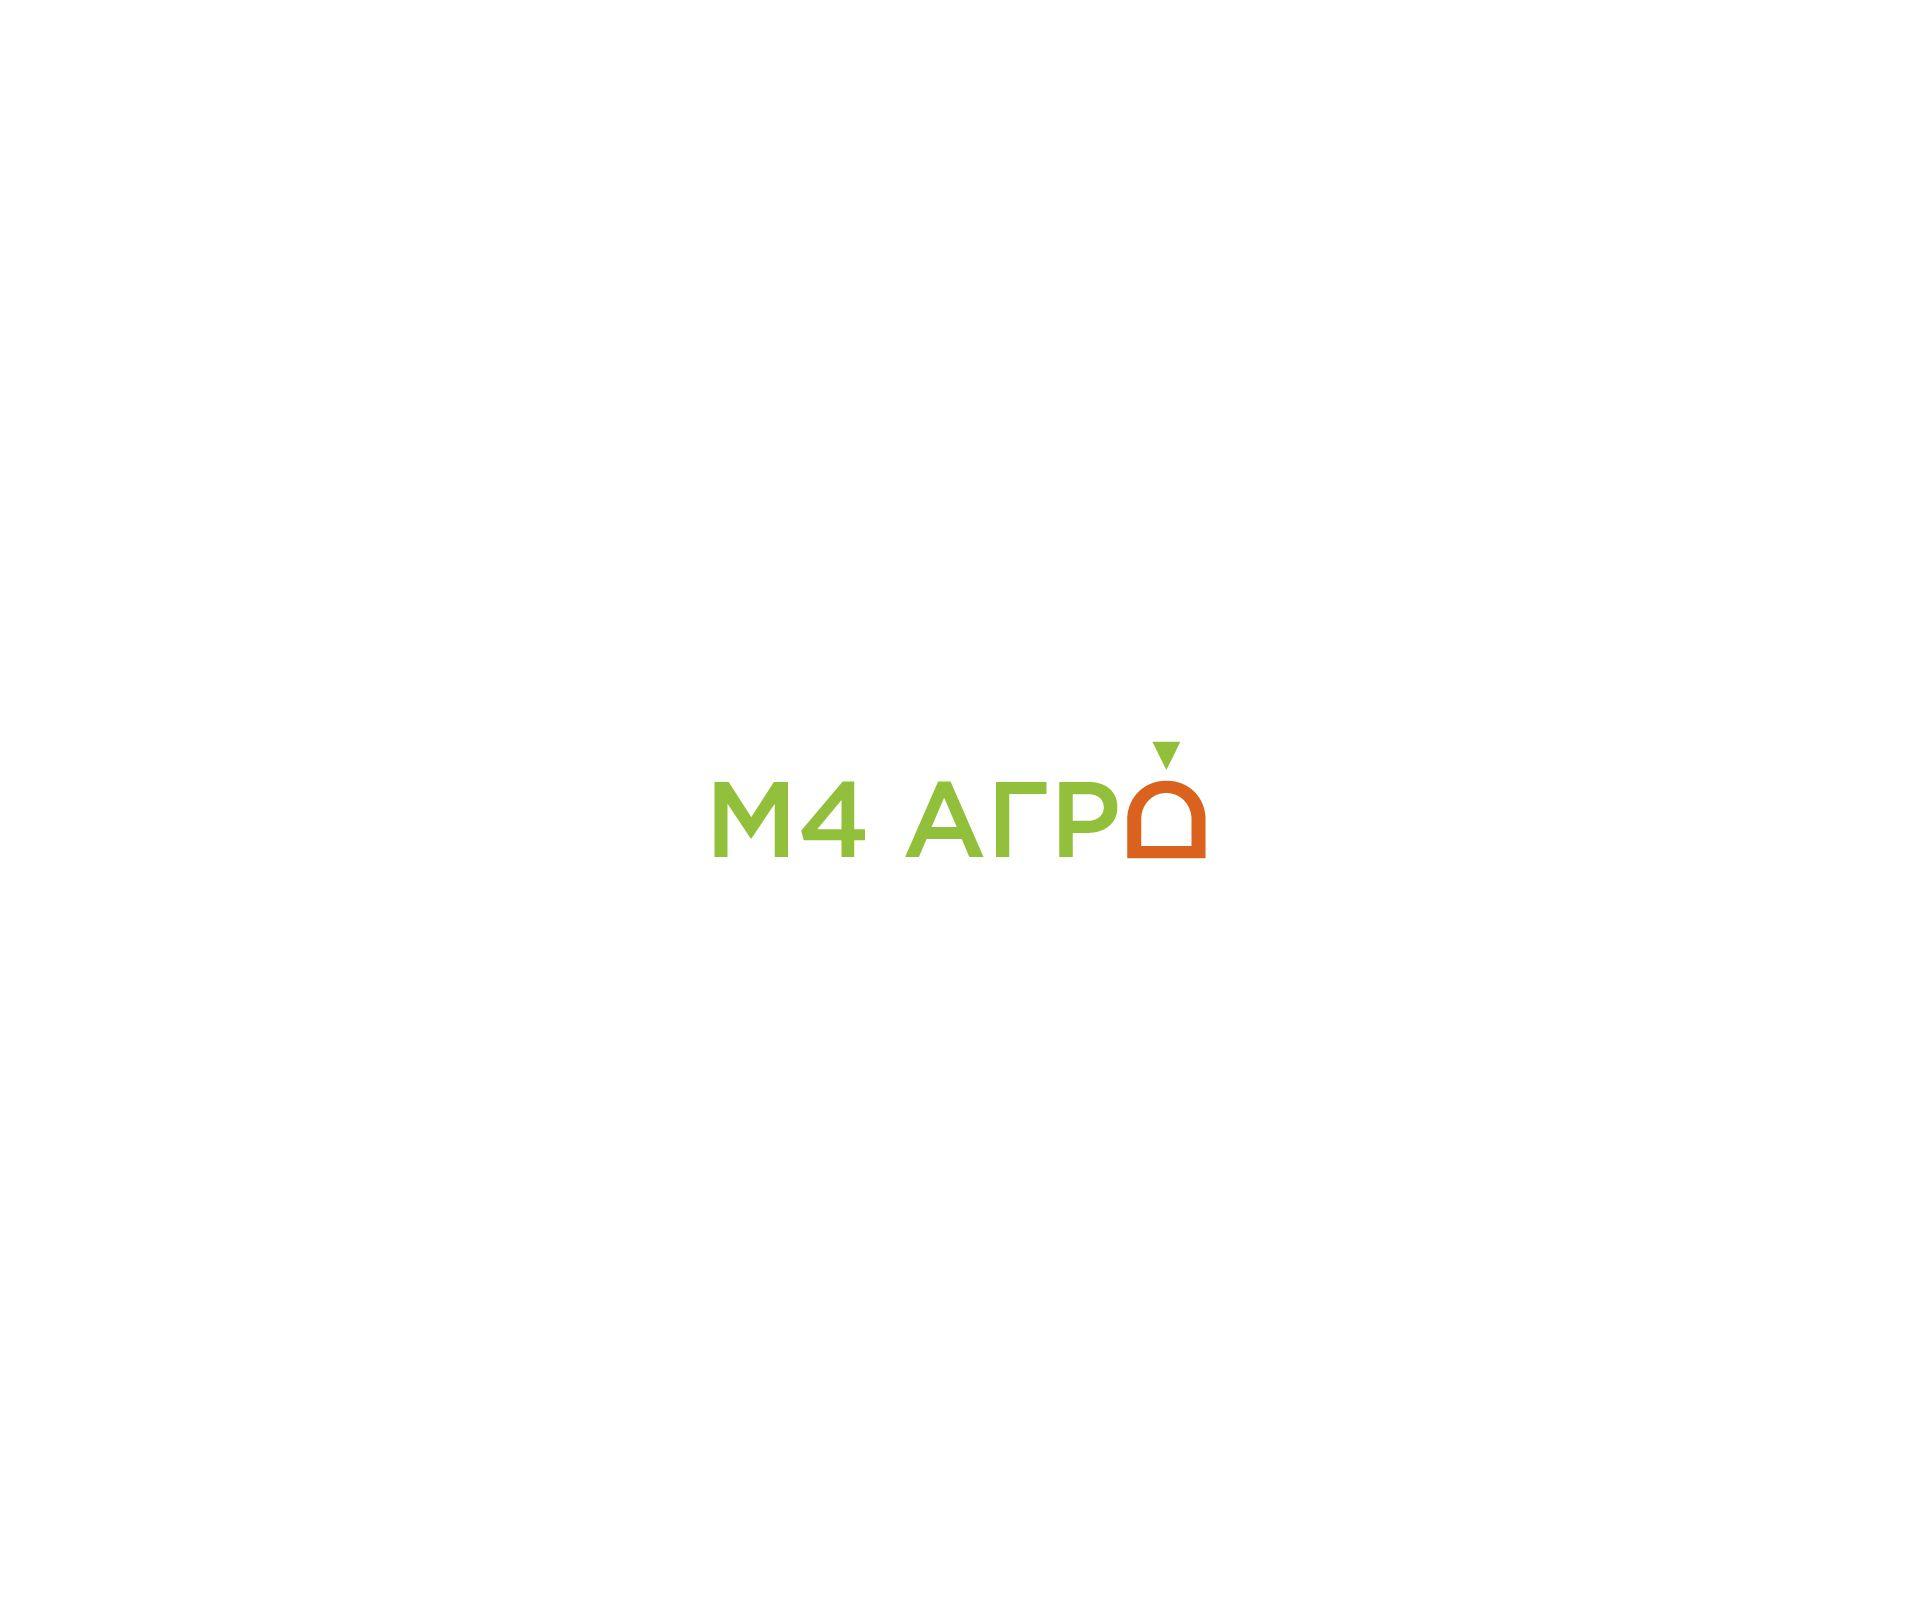 Логотип для M4 АГРО - Российские фрукты - дизайнер Gendarme